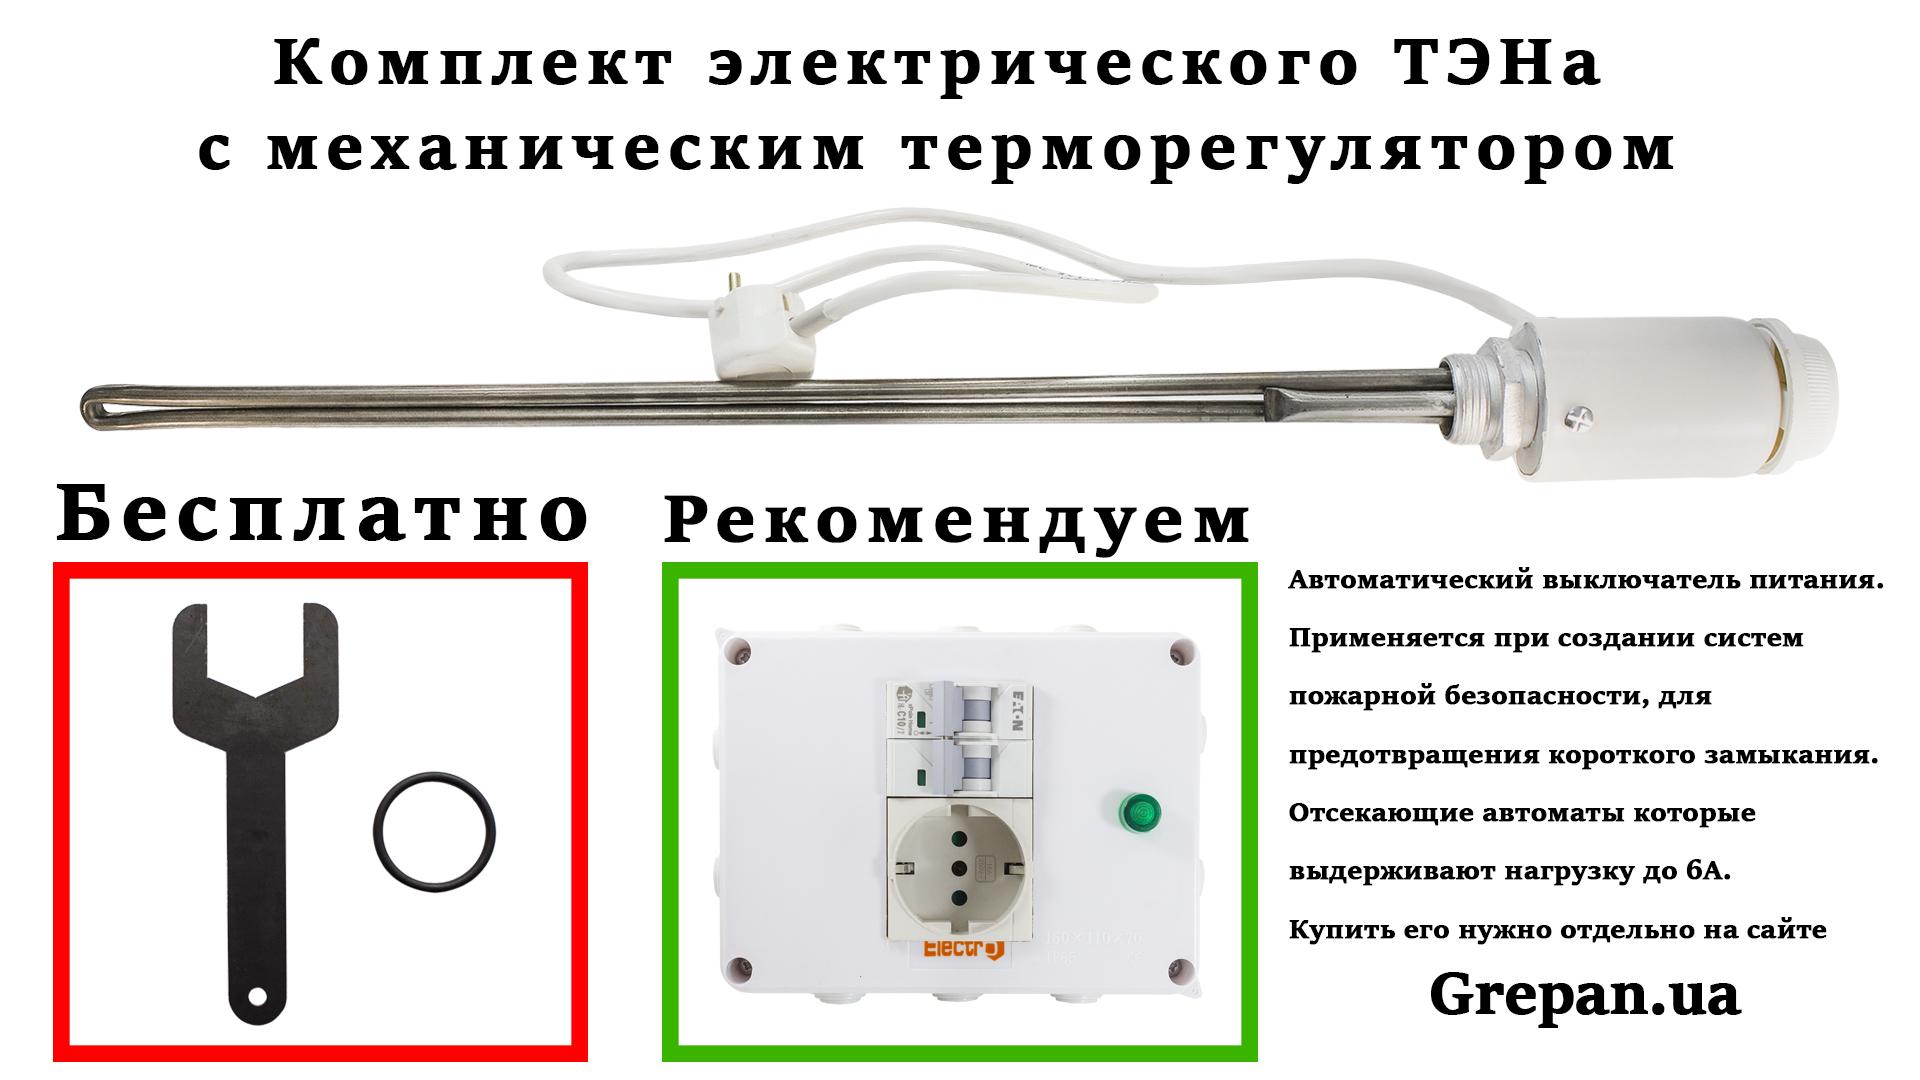 ТЭН для алюминиевого радиатора c механическим терморегулятором на замену электро и газовому котлу